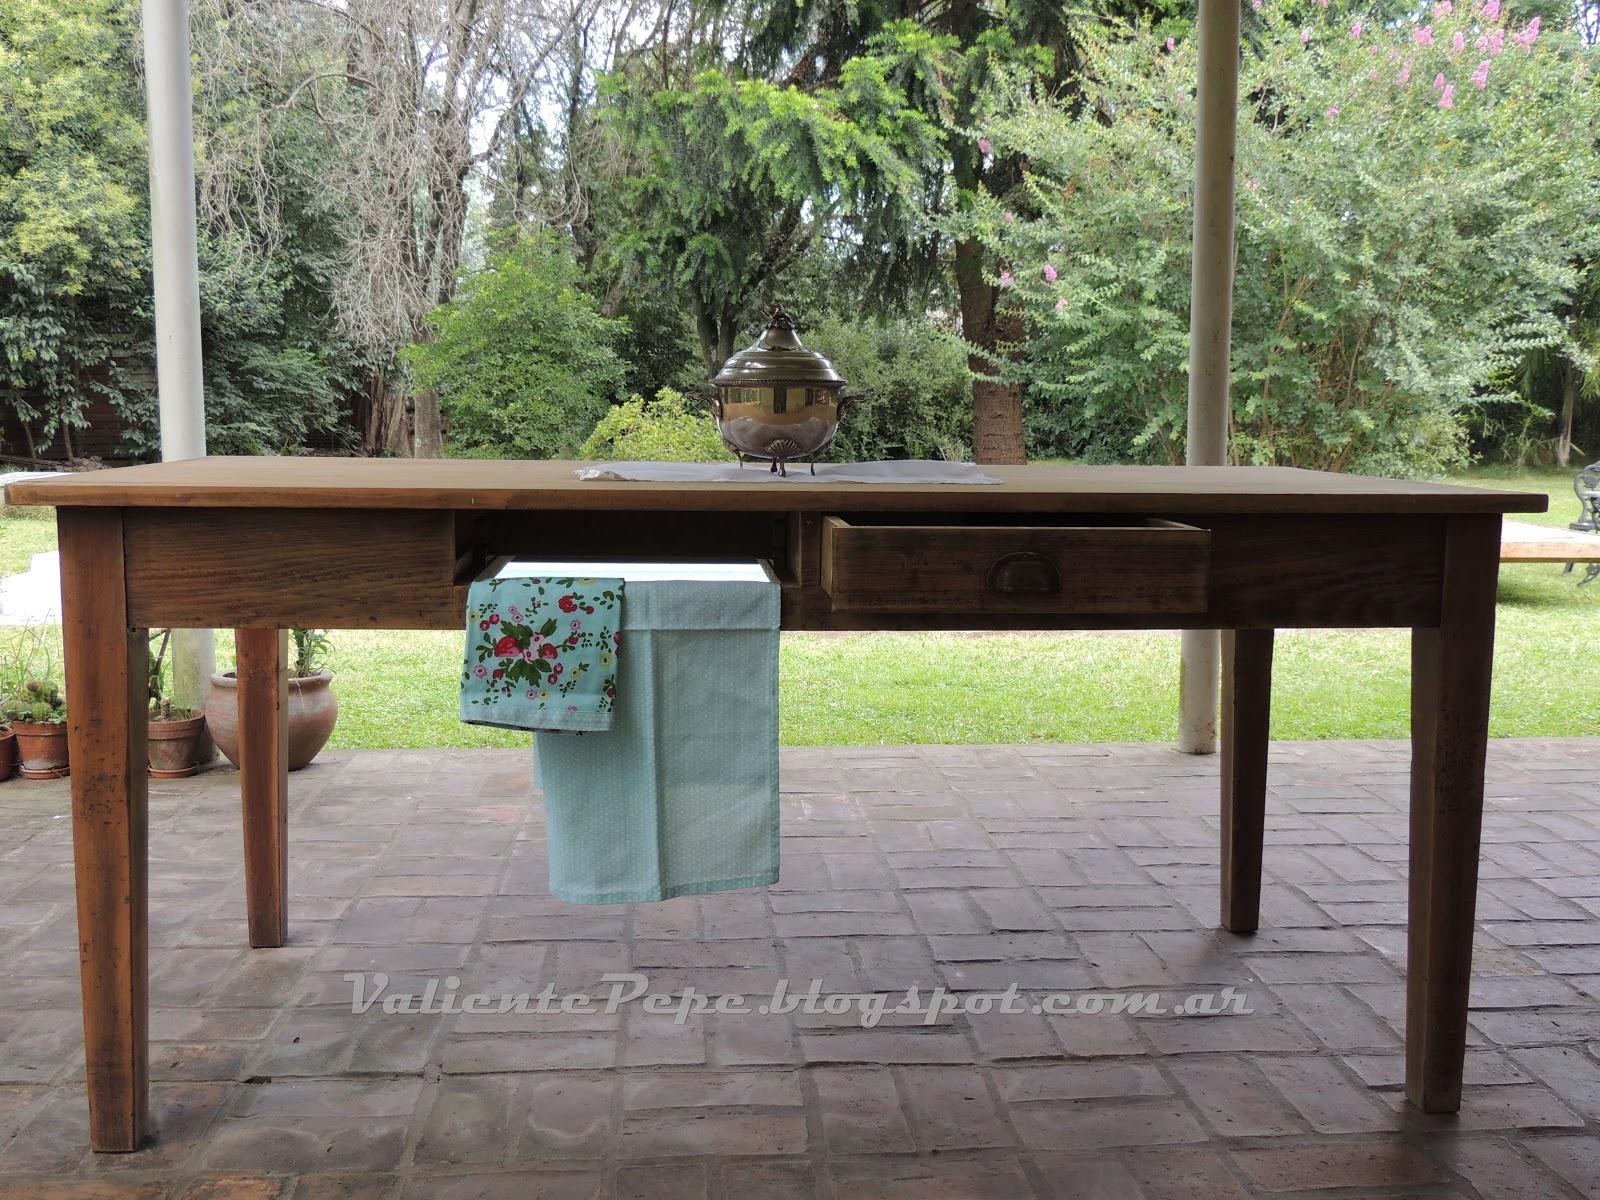 Antigua mesa de campo y sillas cerveceras valiente pepe - Mesa de campo ...